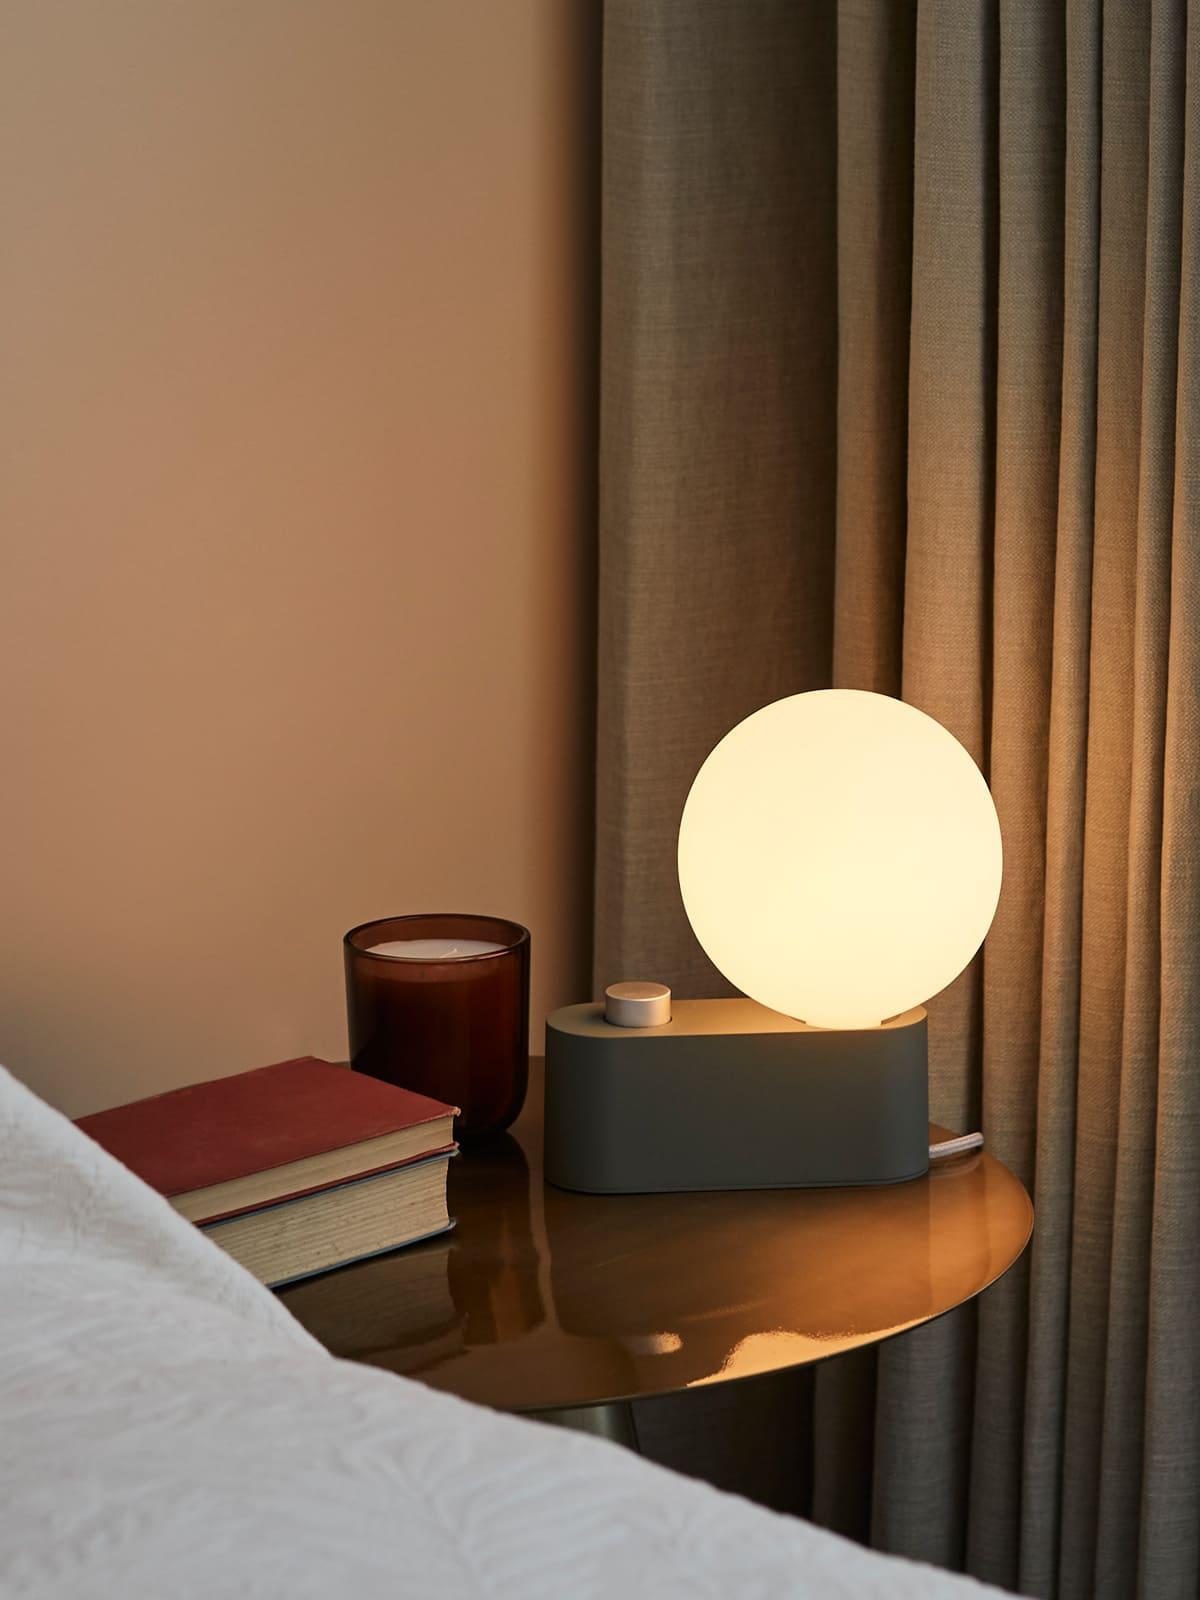 Tisch Lampe Tala Alumina dimmbare Lampe mit weißer Birne Designort